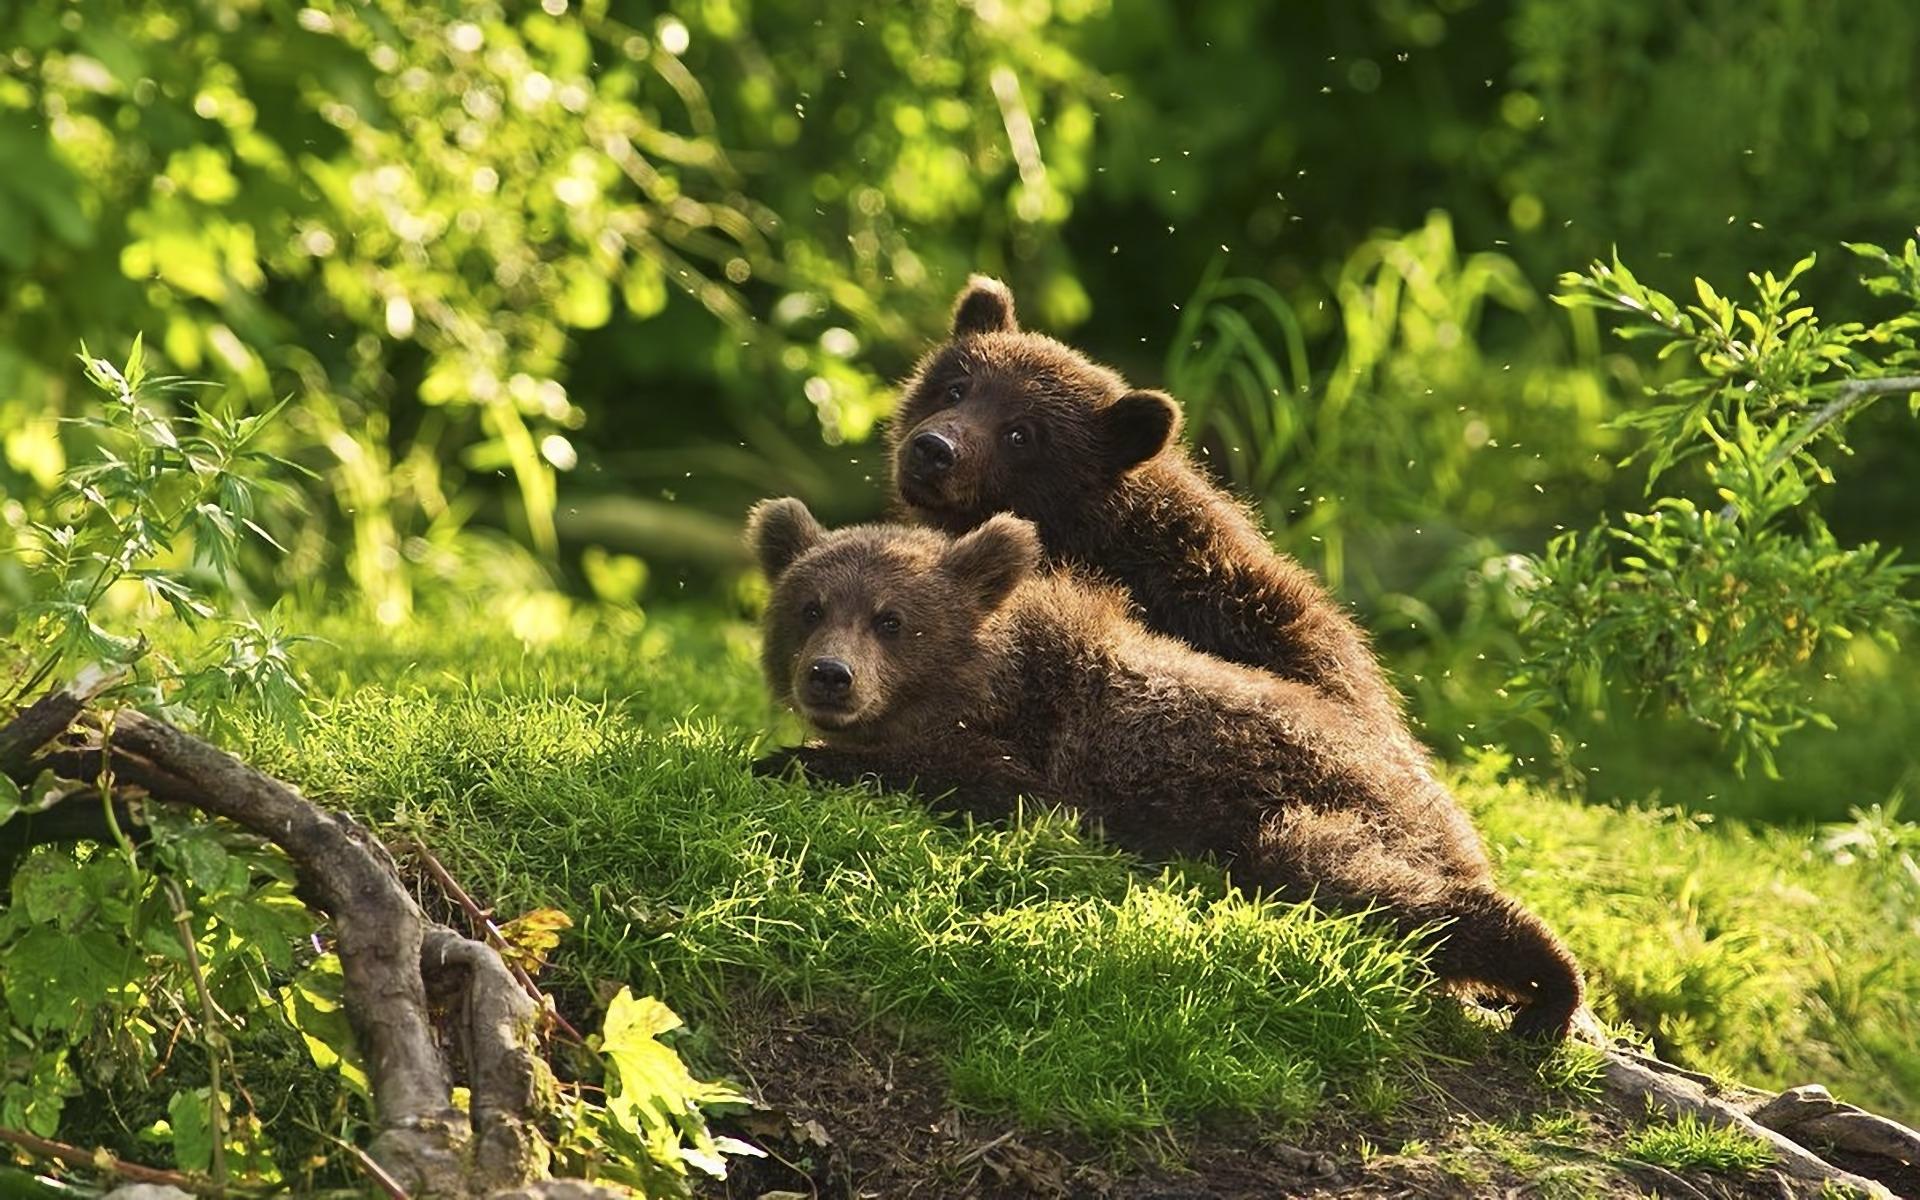 28562 Заставки и Обои Медведи на телефон. Скачать Медведи, Животные картинки бесплатно